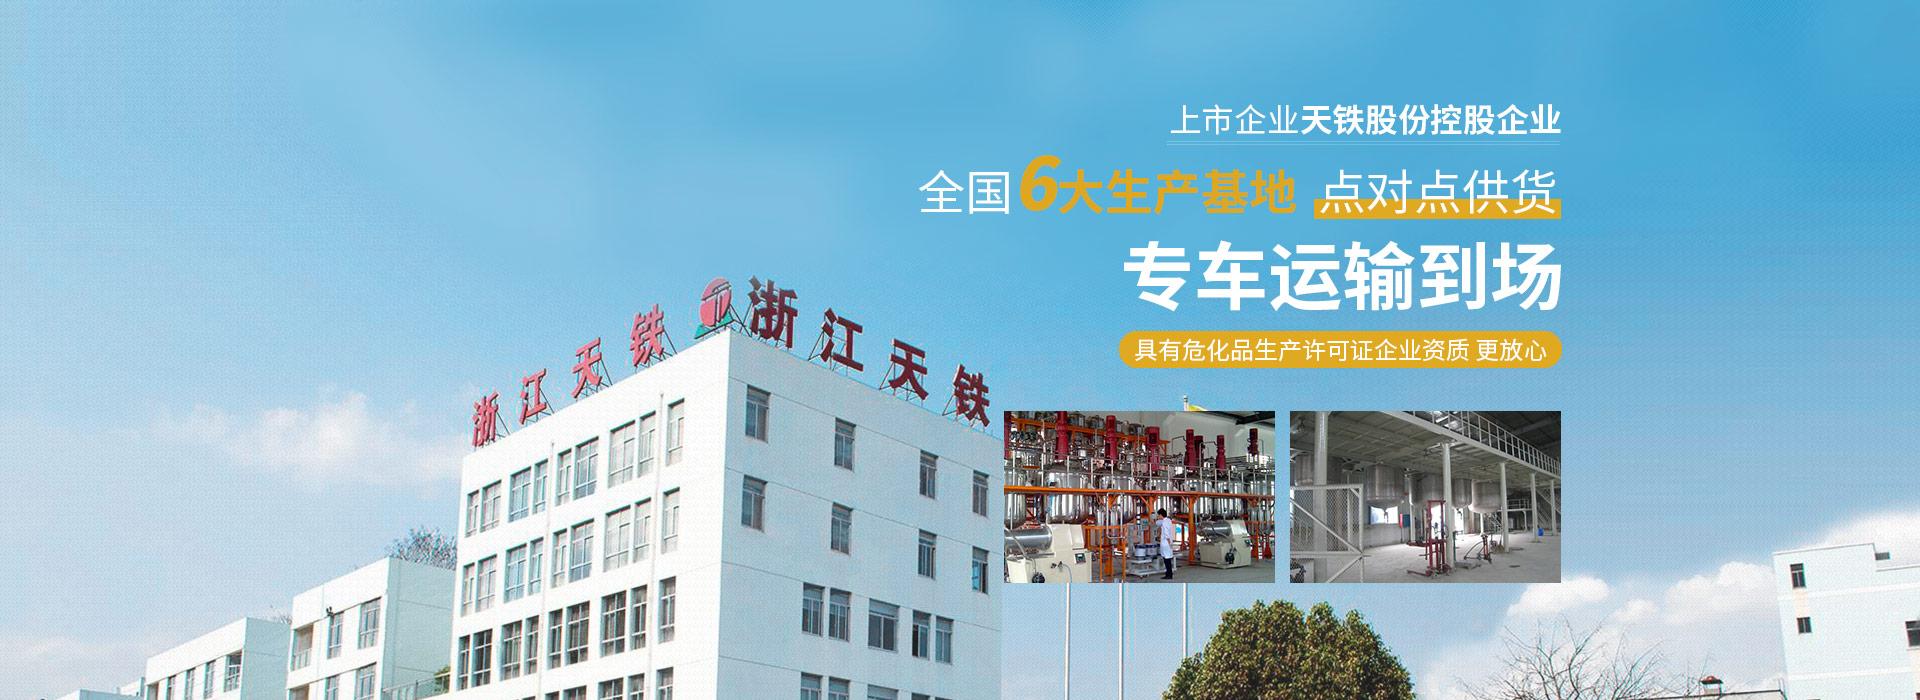 """防腐人的""""中国梦""""  腐蚀控制 强盛中国 走向世界 防护地球"""